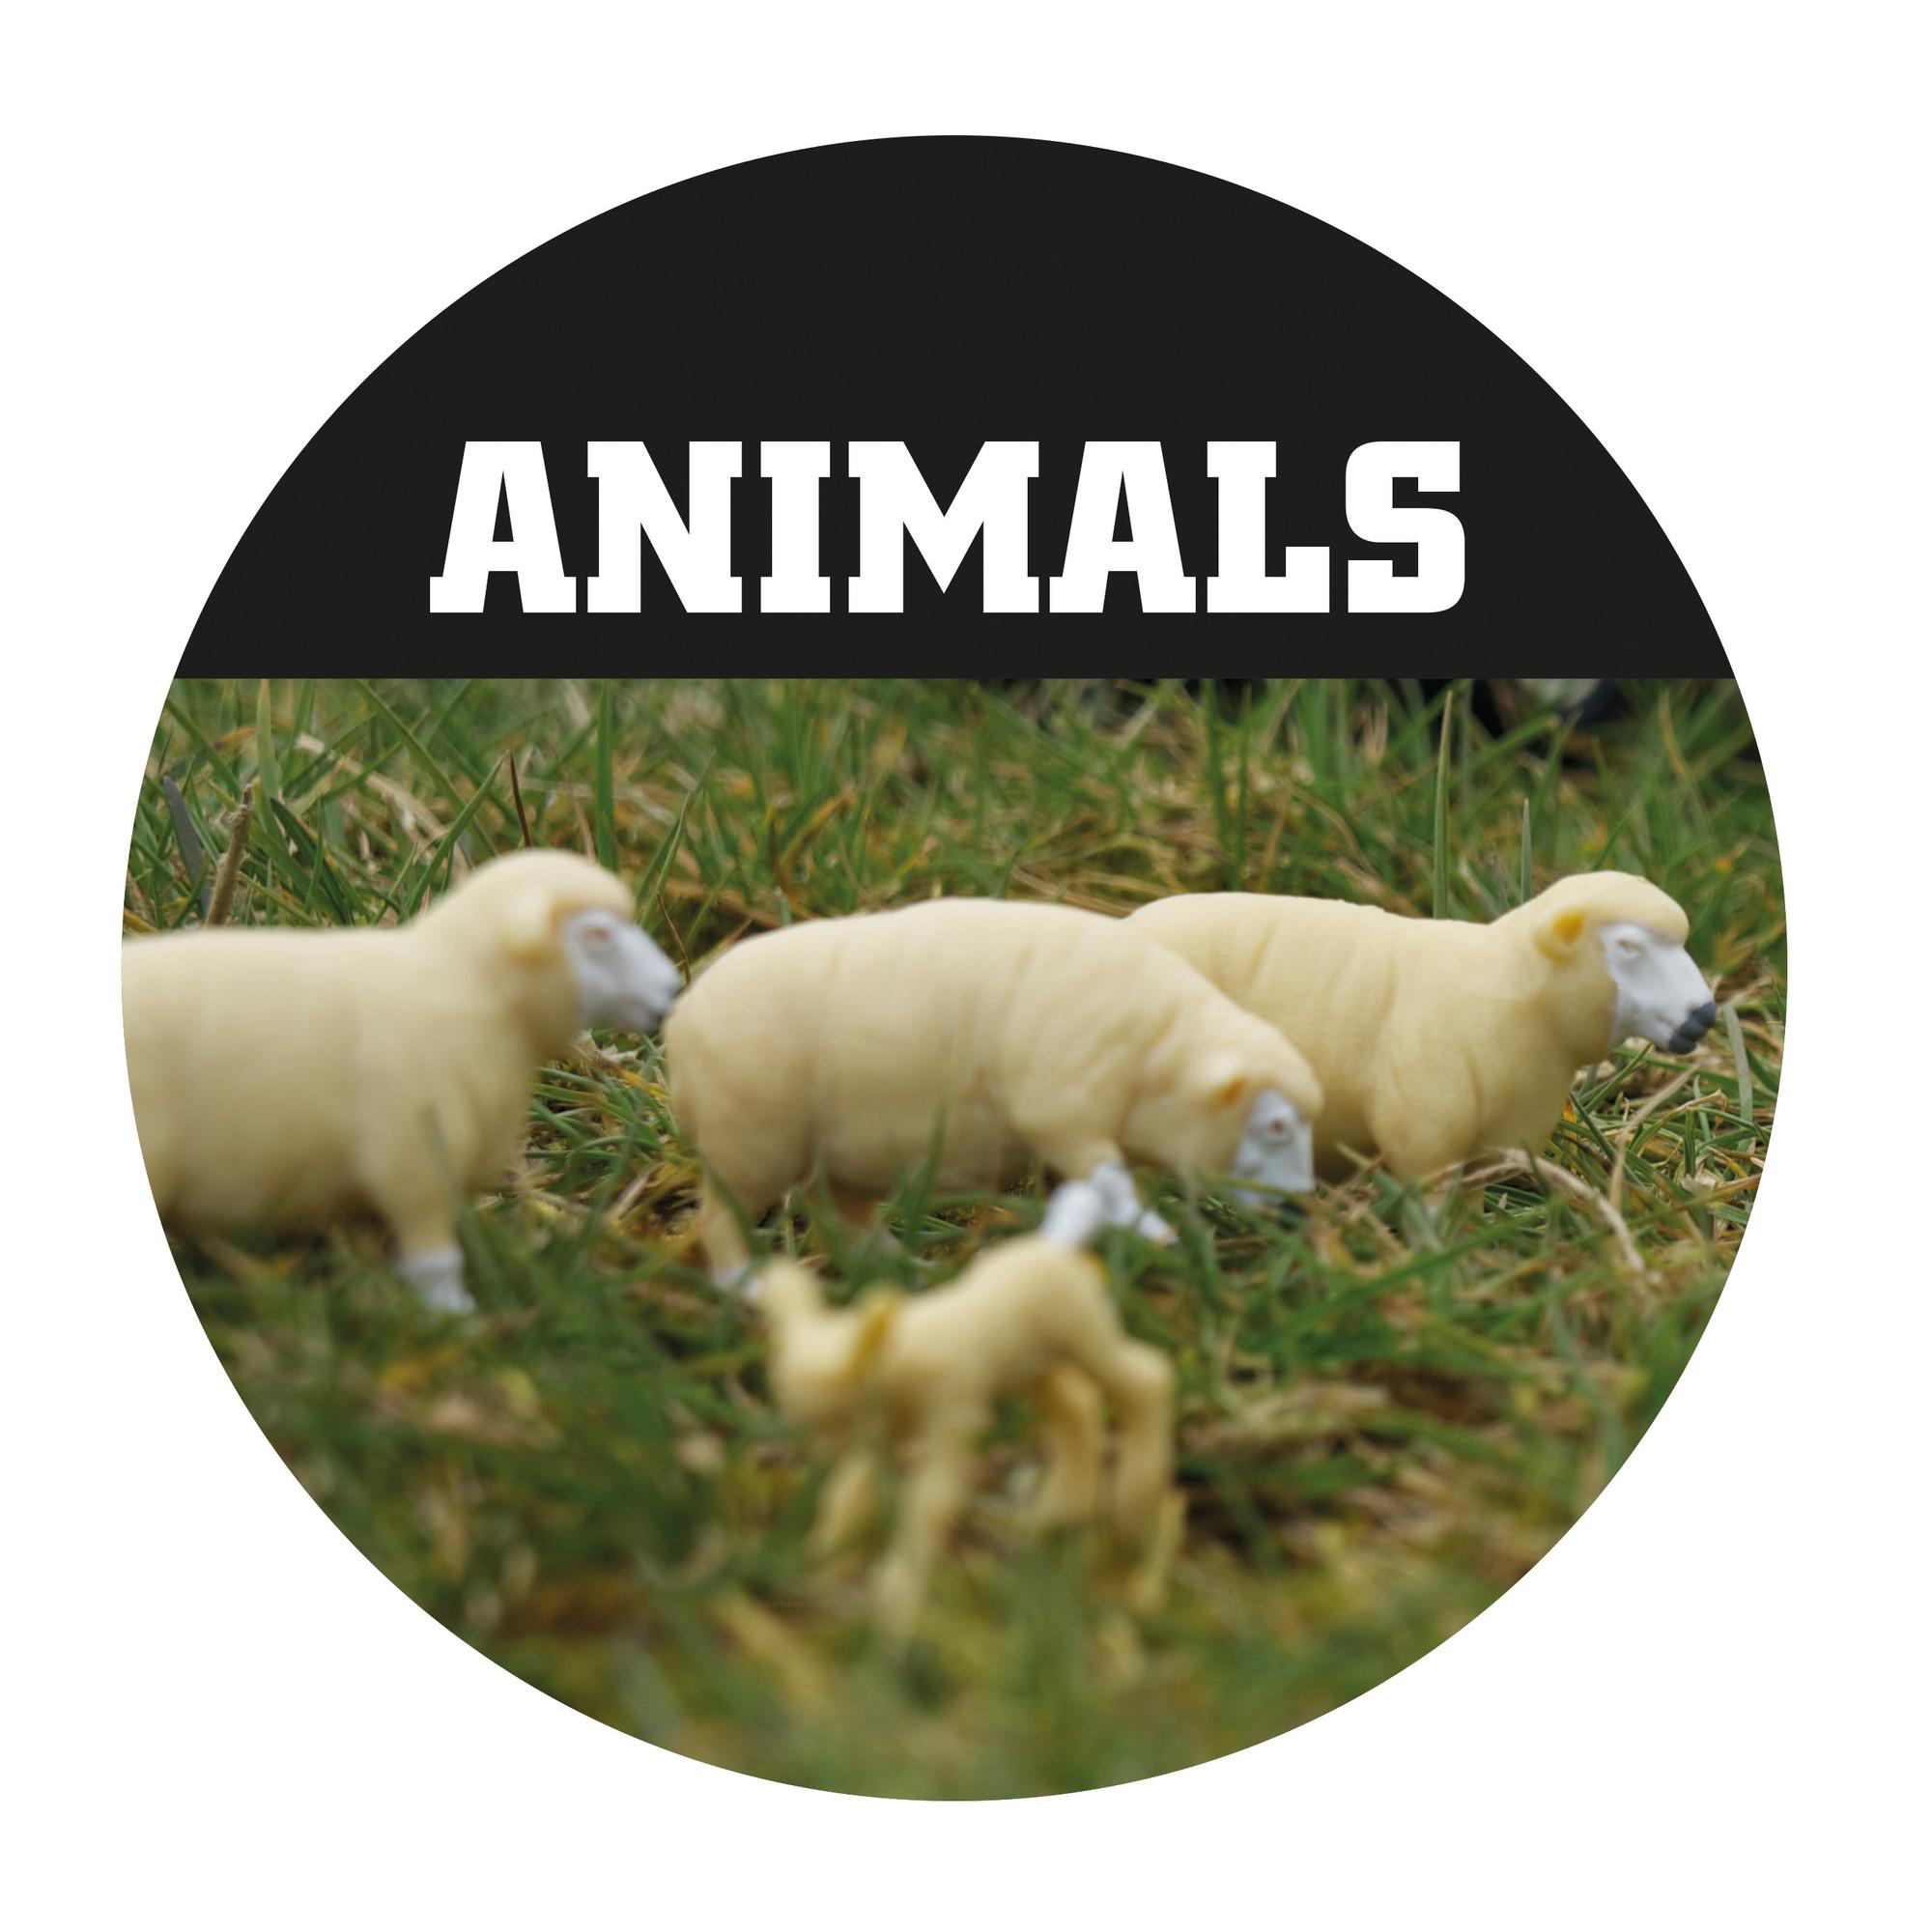 rs10889-britains-animals-lpr-1-.jpg